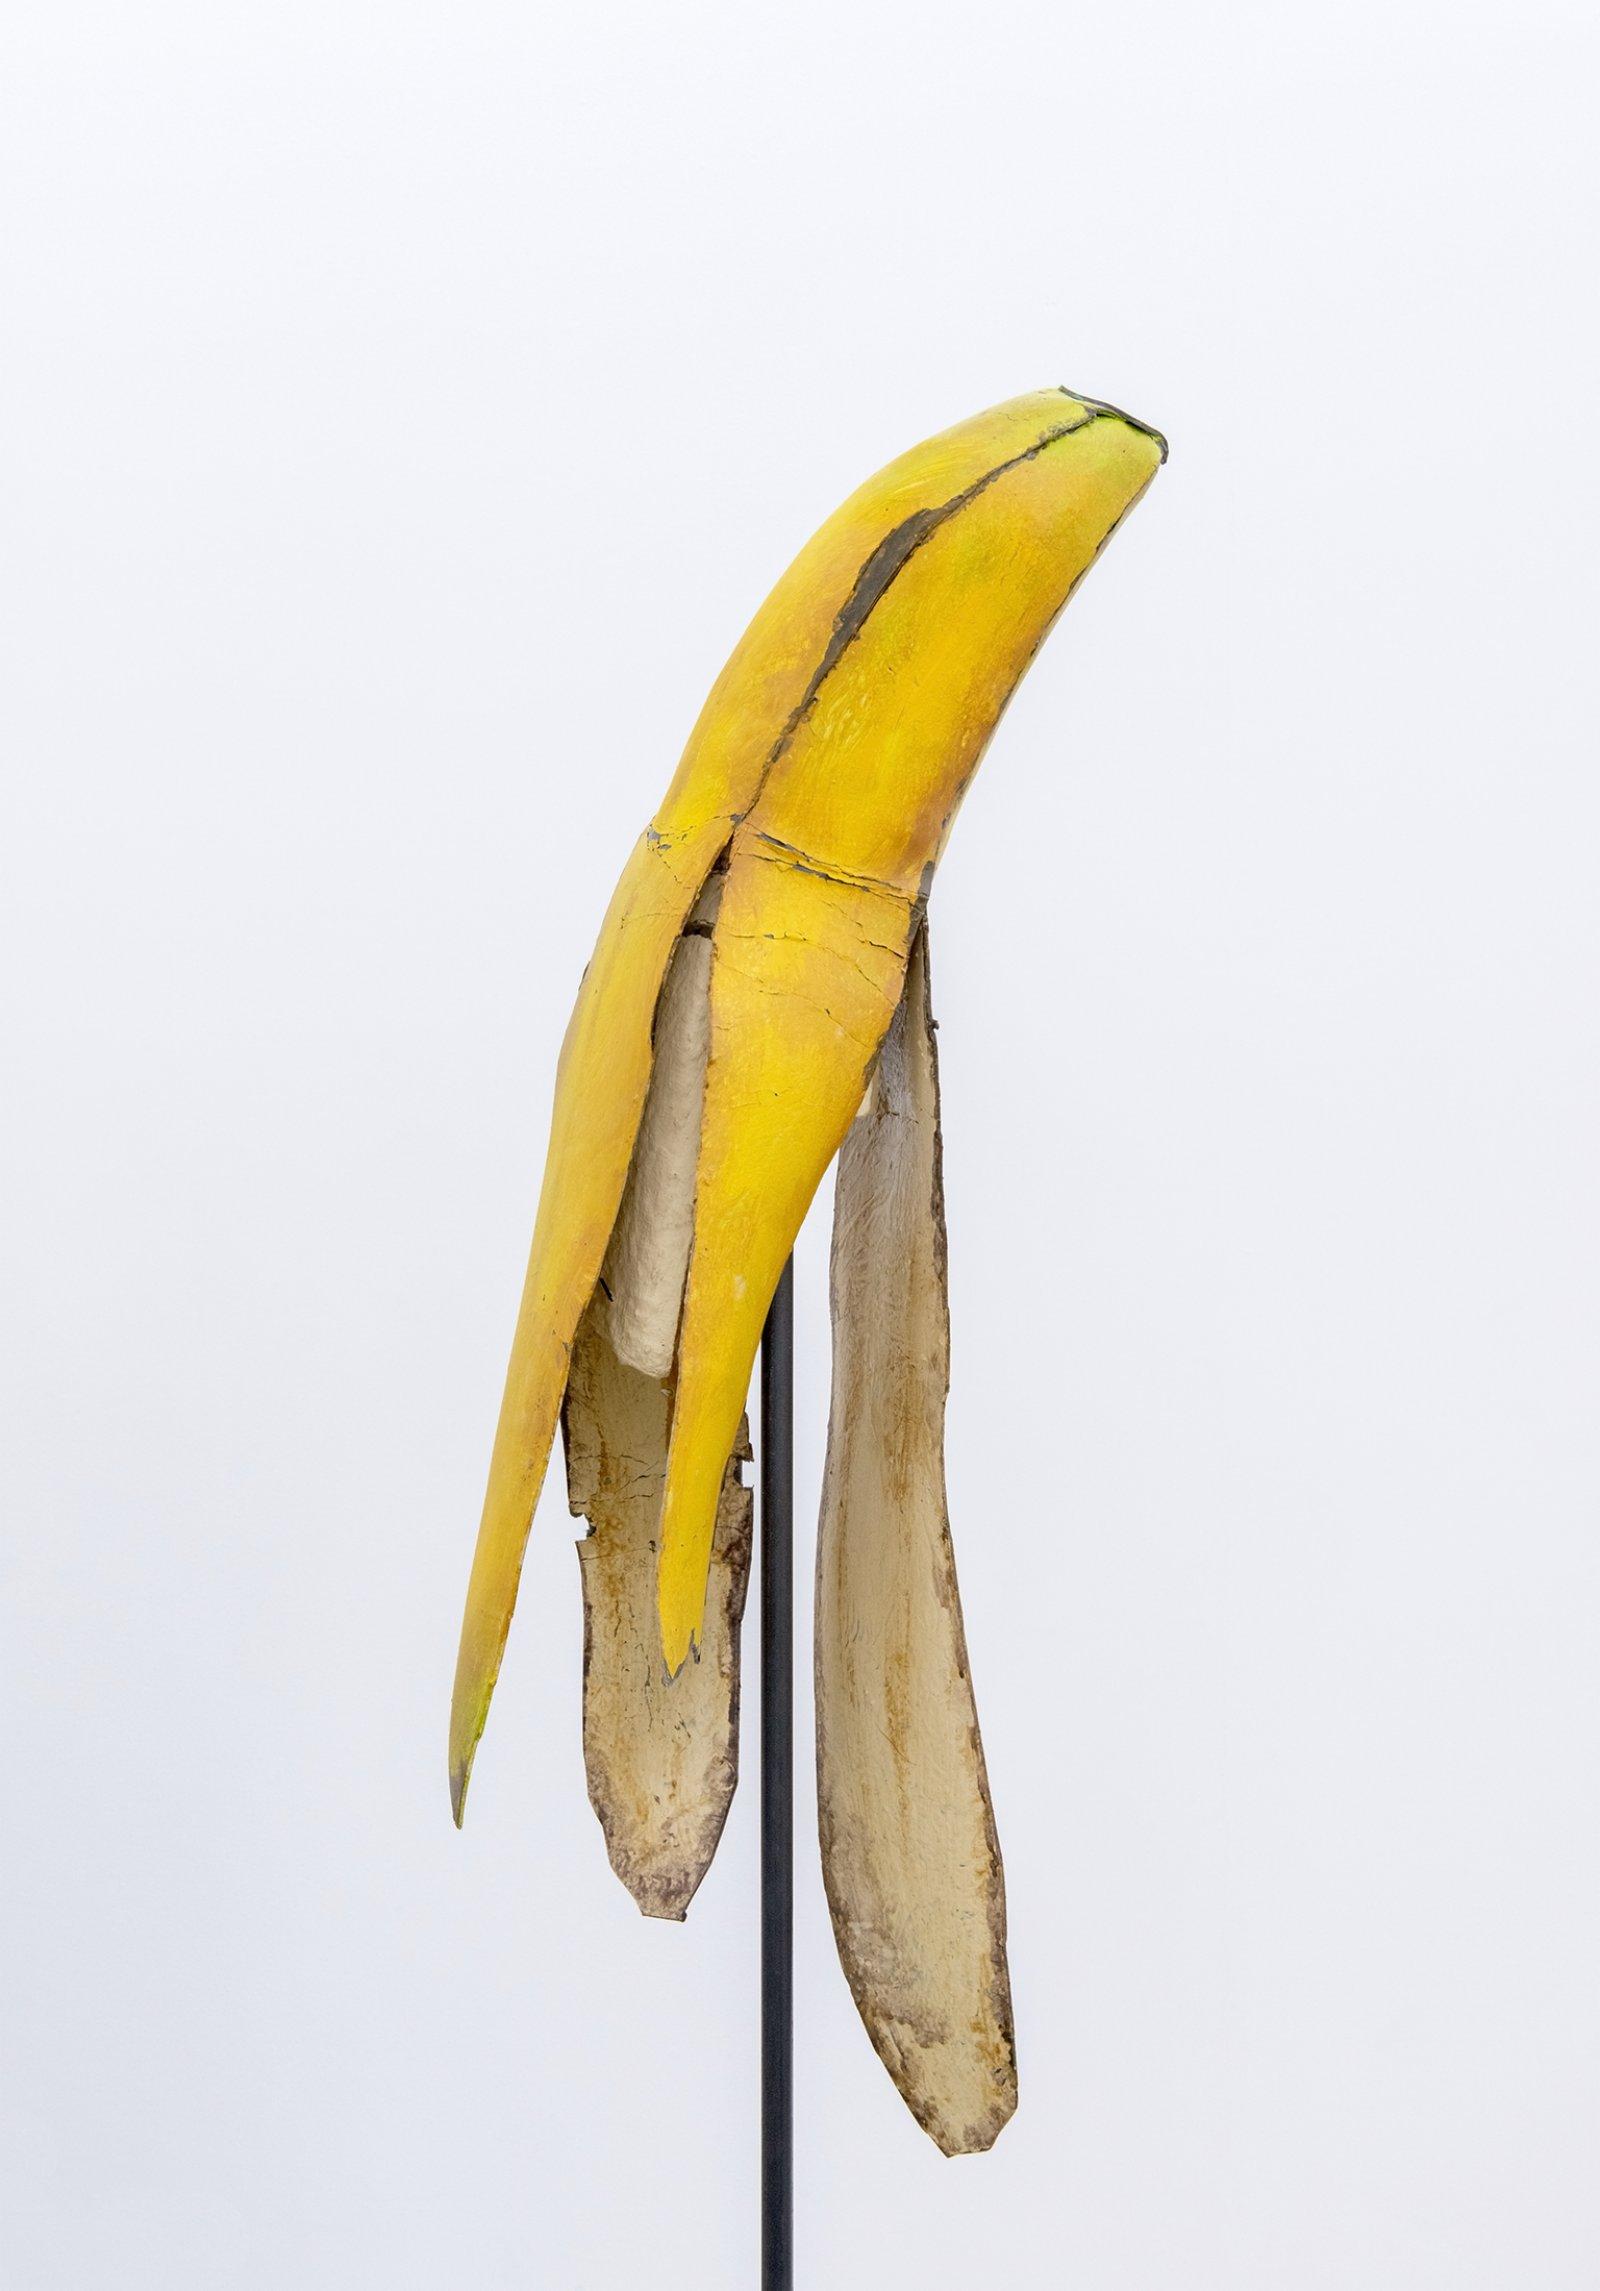 Geoffrey Farmer, Banana and Grass (detail), 2014, paint, foam, grass, metal stand, 2 wooden wall façades, window, sandbags, banana: 67 x 12 x 12 in. (170 x 31 x 31 cm), grass: 76 x 21 x 21 in. (193 x 54 x 54 cm) by Geoffrey Farmer